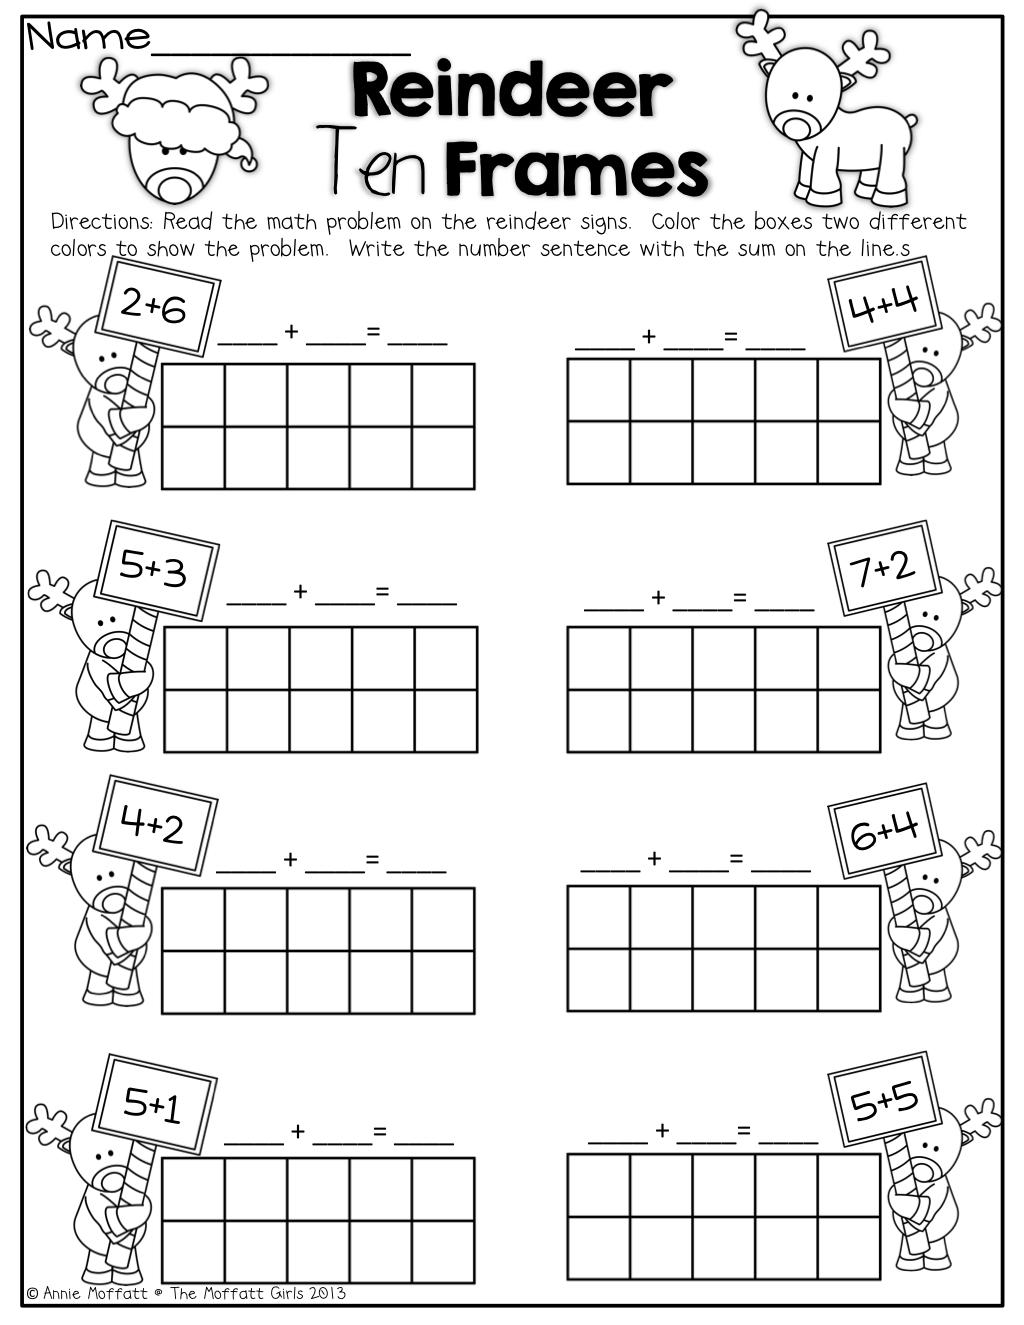 Reindeer Ten Frames